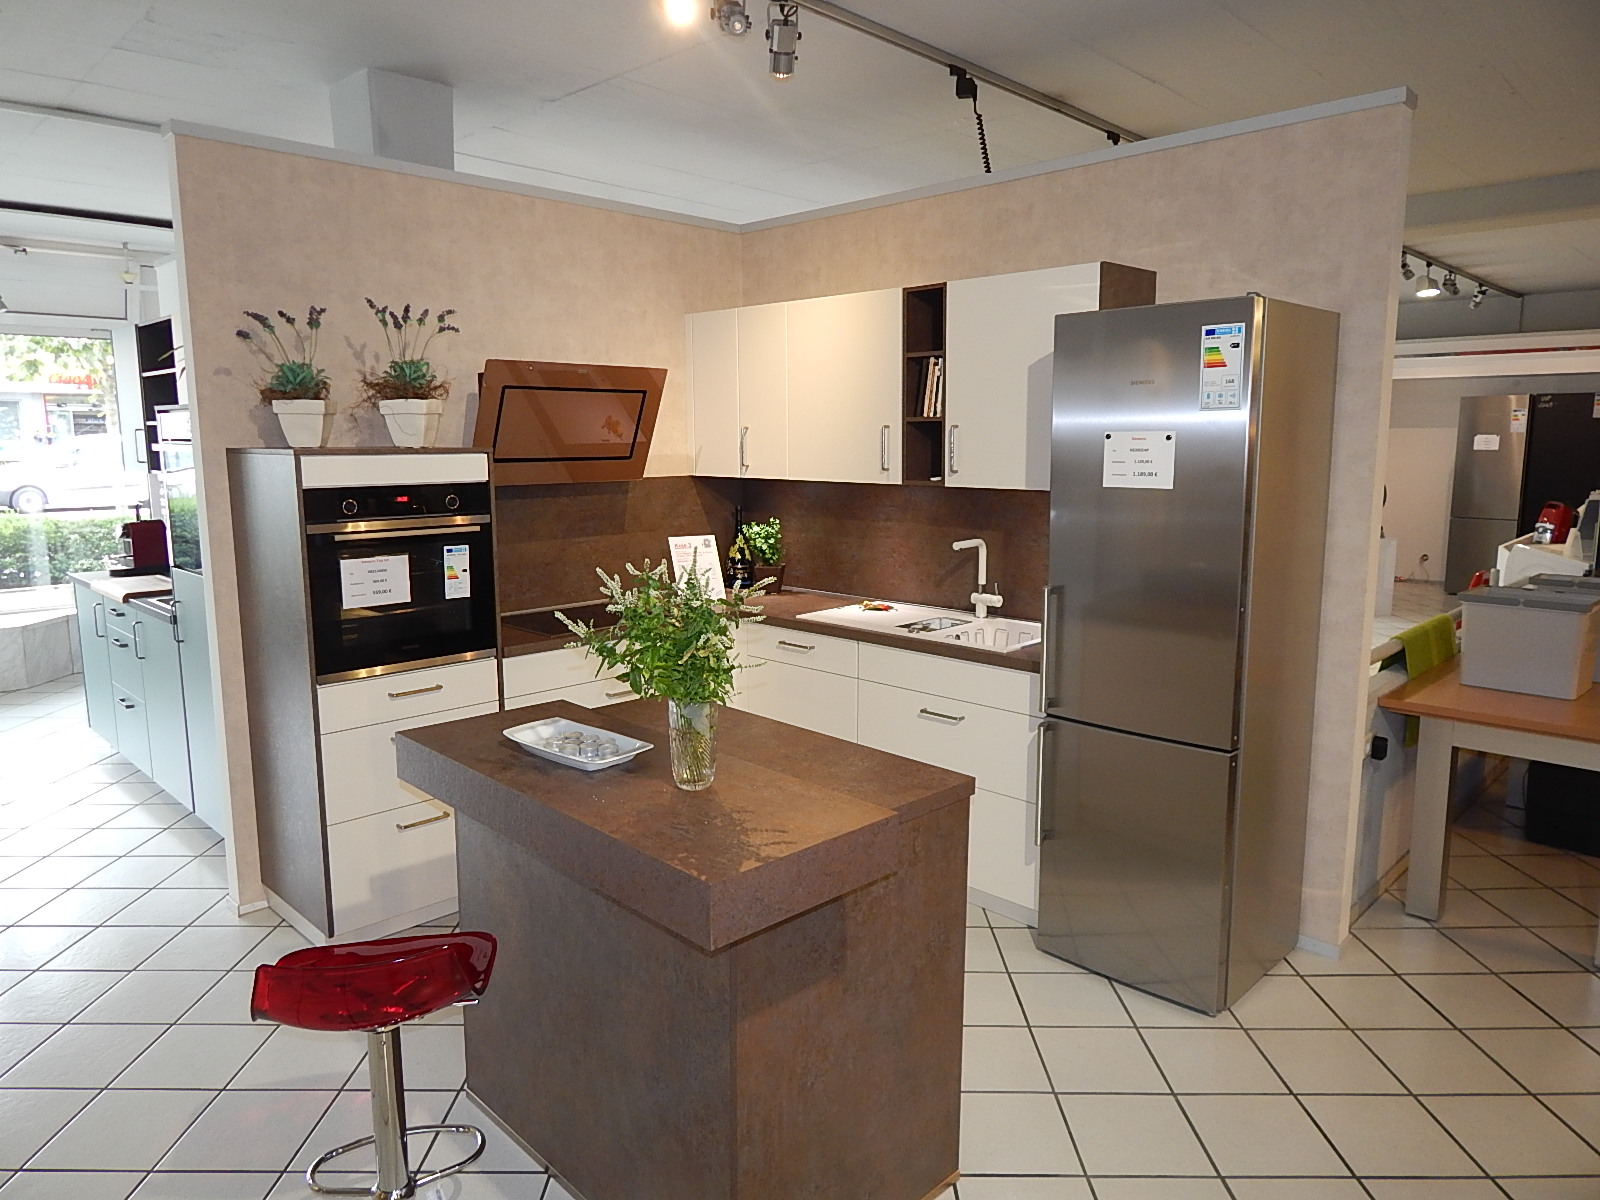 Full Size of Outdoor Küche Zusammenstellen Vicco Küche Zusammenstellen Ikea Küche Zusammenstellen Küche Zusammenstellen Online Küche Küche Zusammenstellen